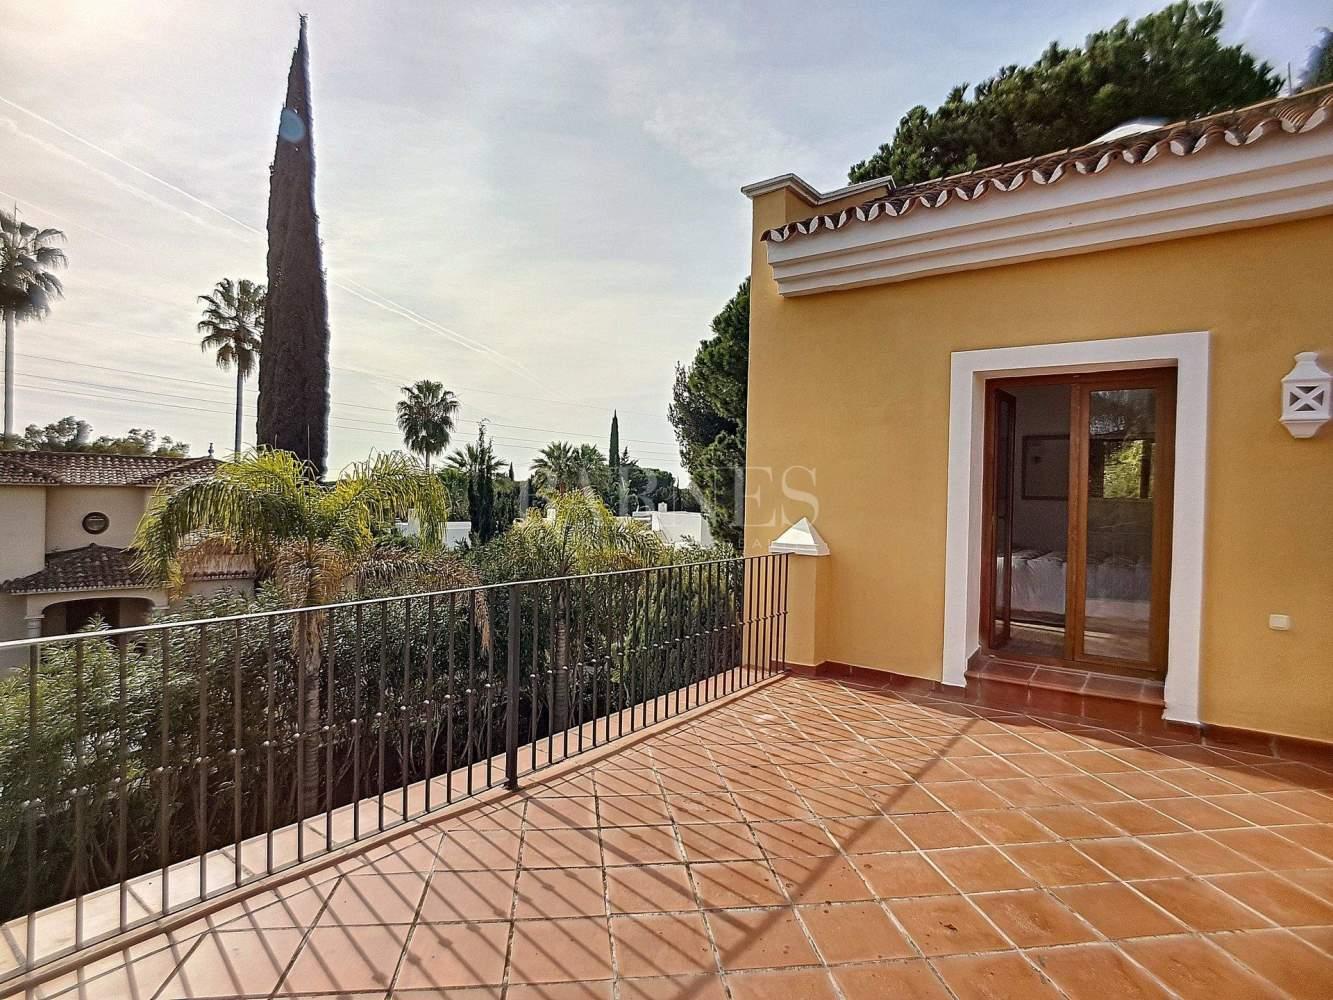 Marbella  - Villa 6 Cuartos 5 Habitaciones - picture 5